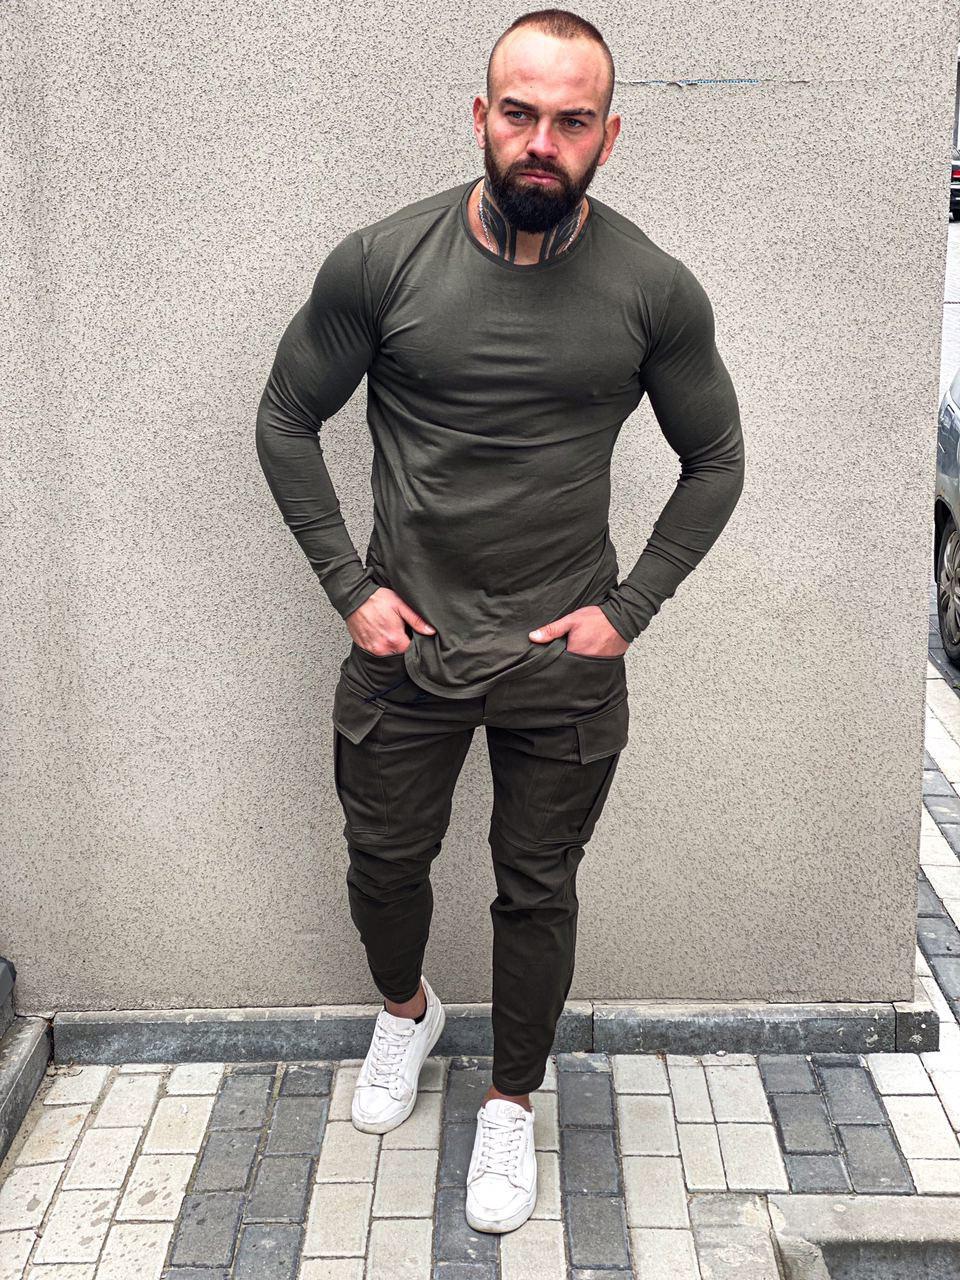 Штани карго + лонгслів чоловічий | Комплект зелений демісезонний ЛЮКС якості